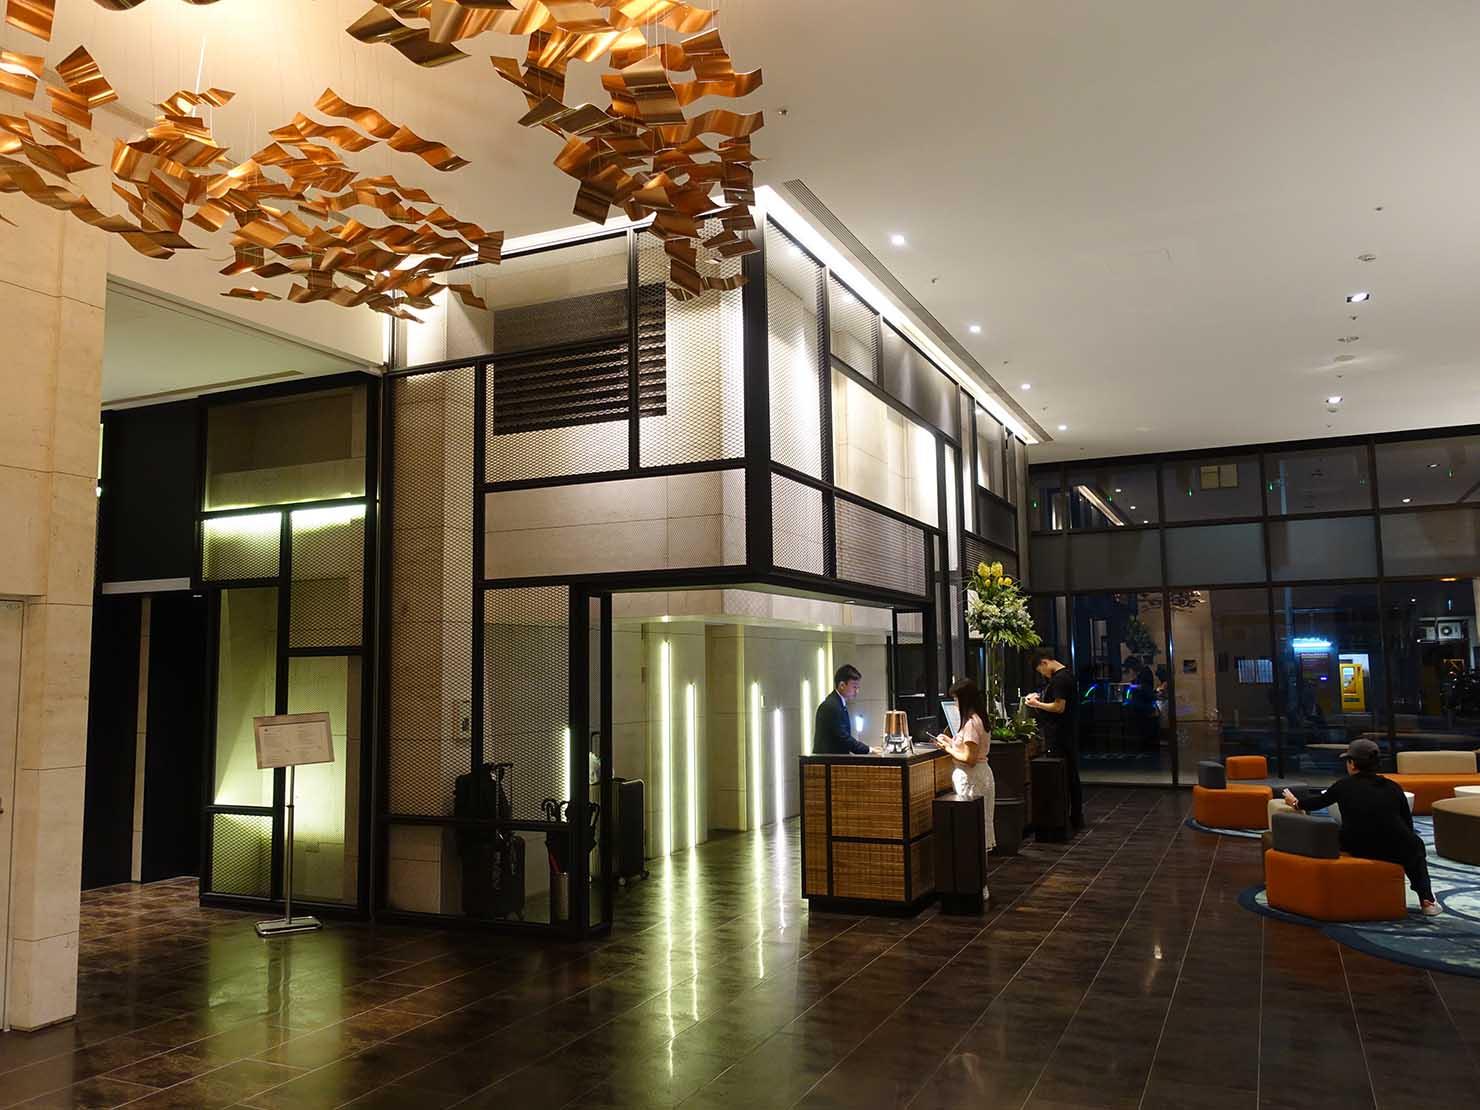 高雄市内観光におすすめのホテル「GREET INN 喜迎旅店」のロビーホール